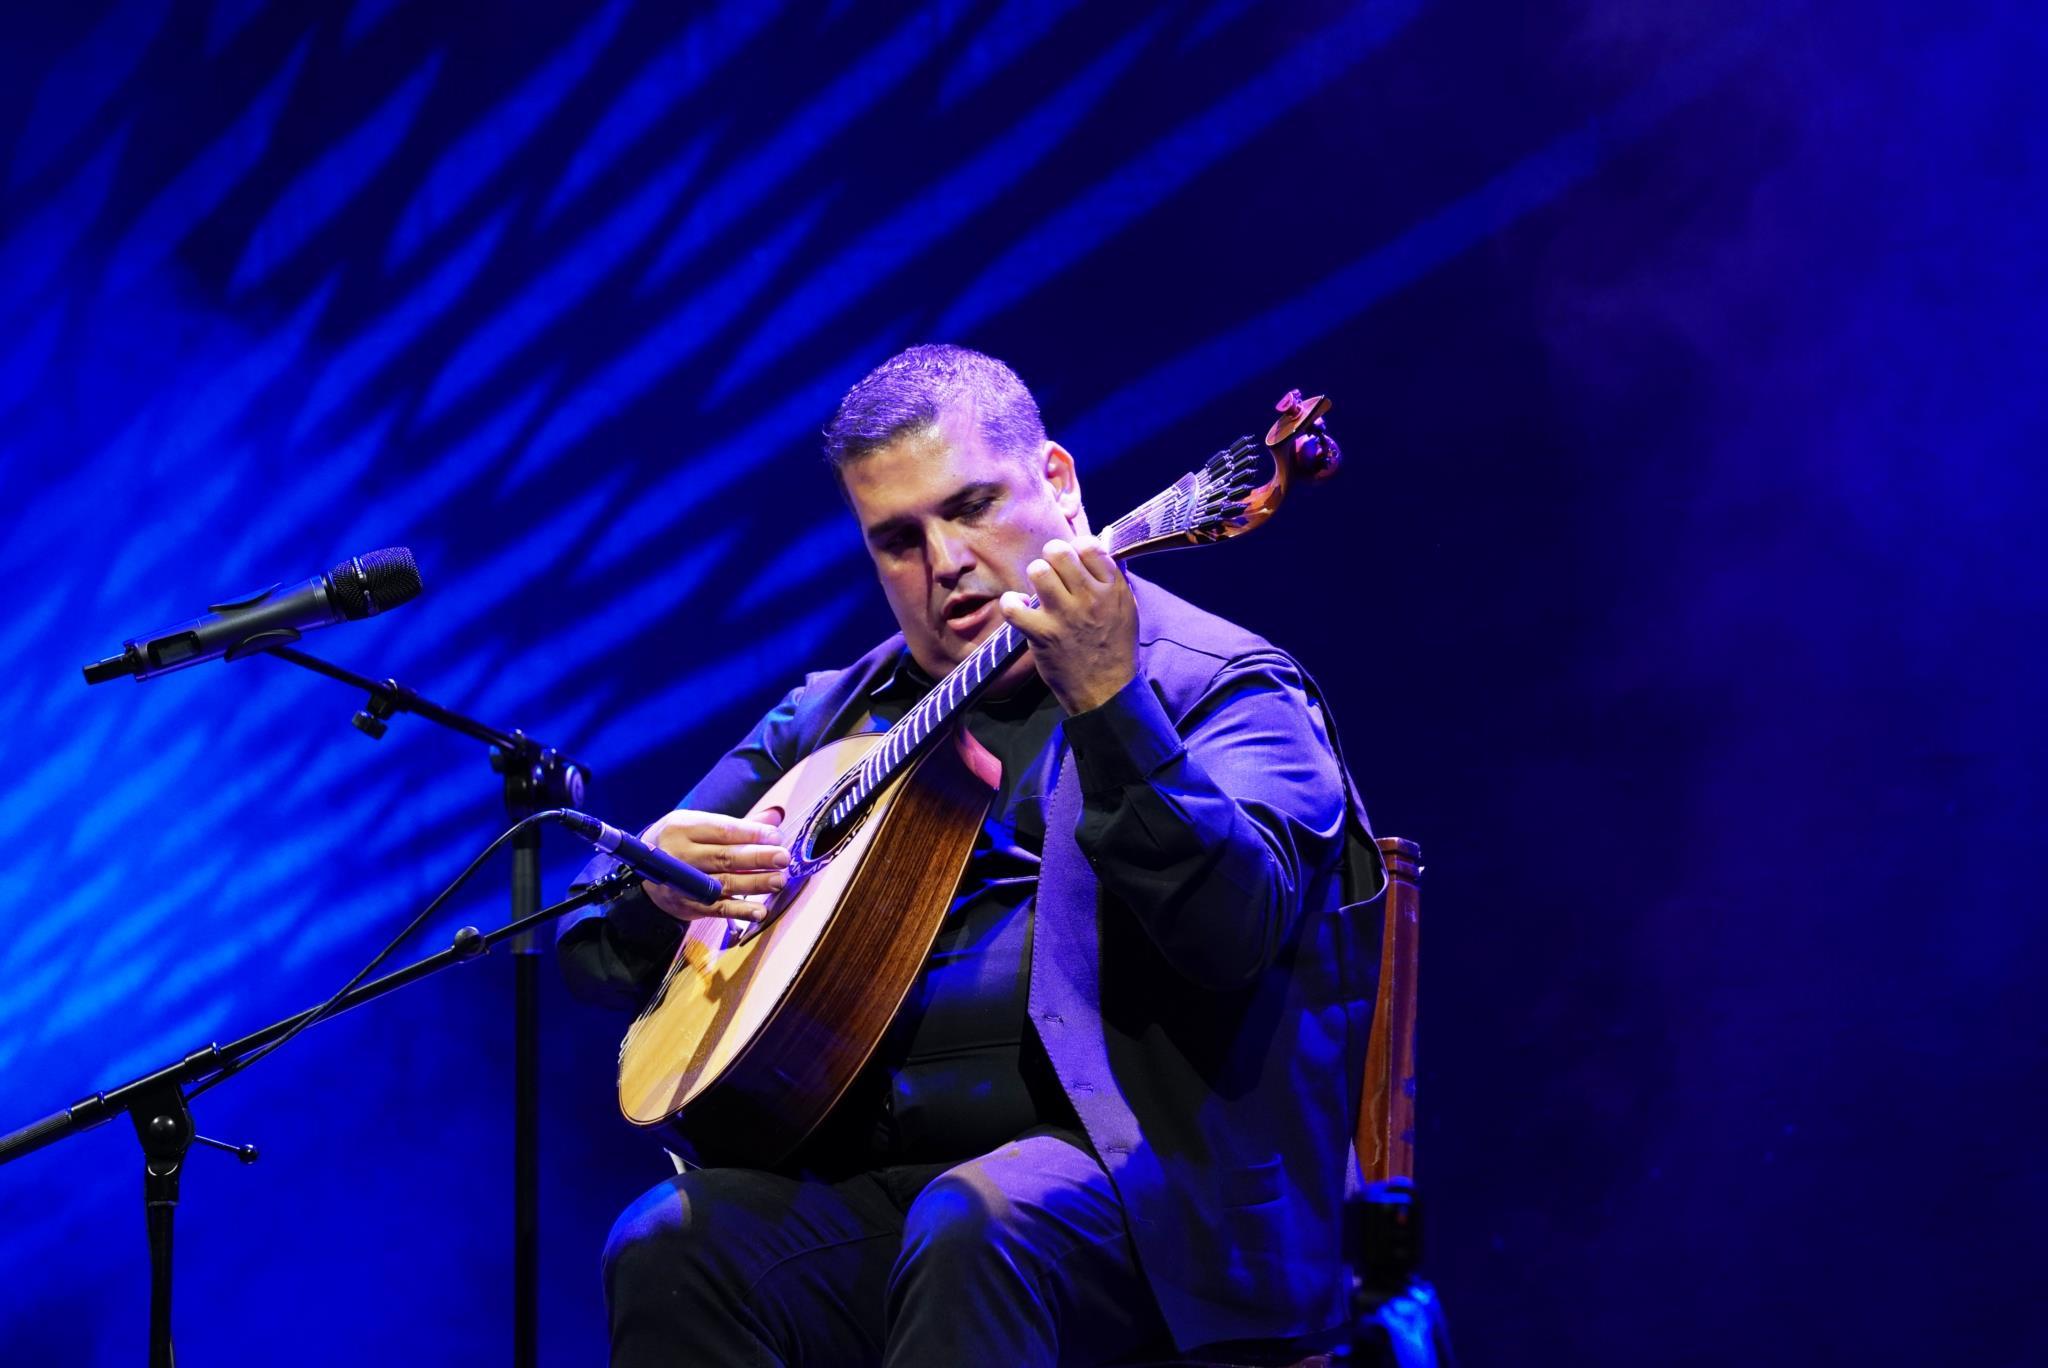 PÚBLICO - O fado e mais além, na guitarra sábia de José Manuel Neto